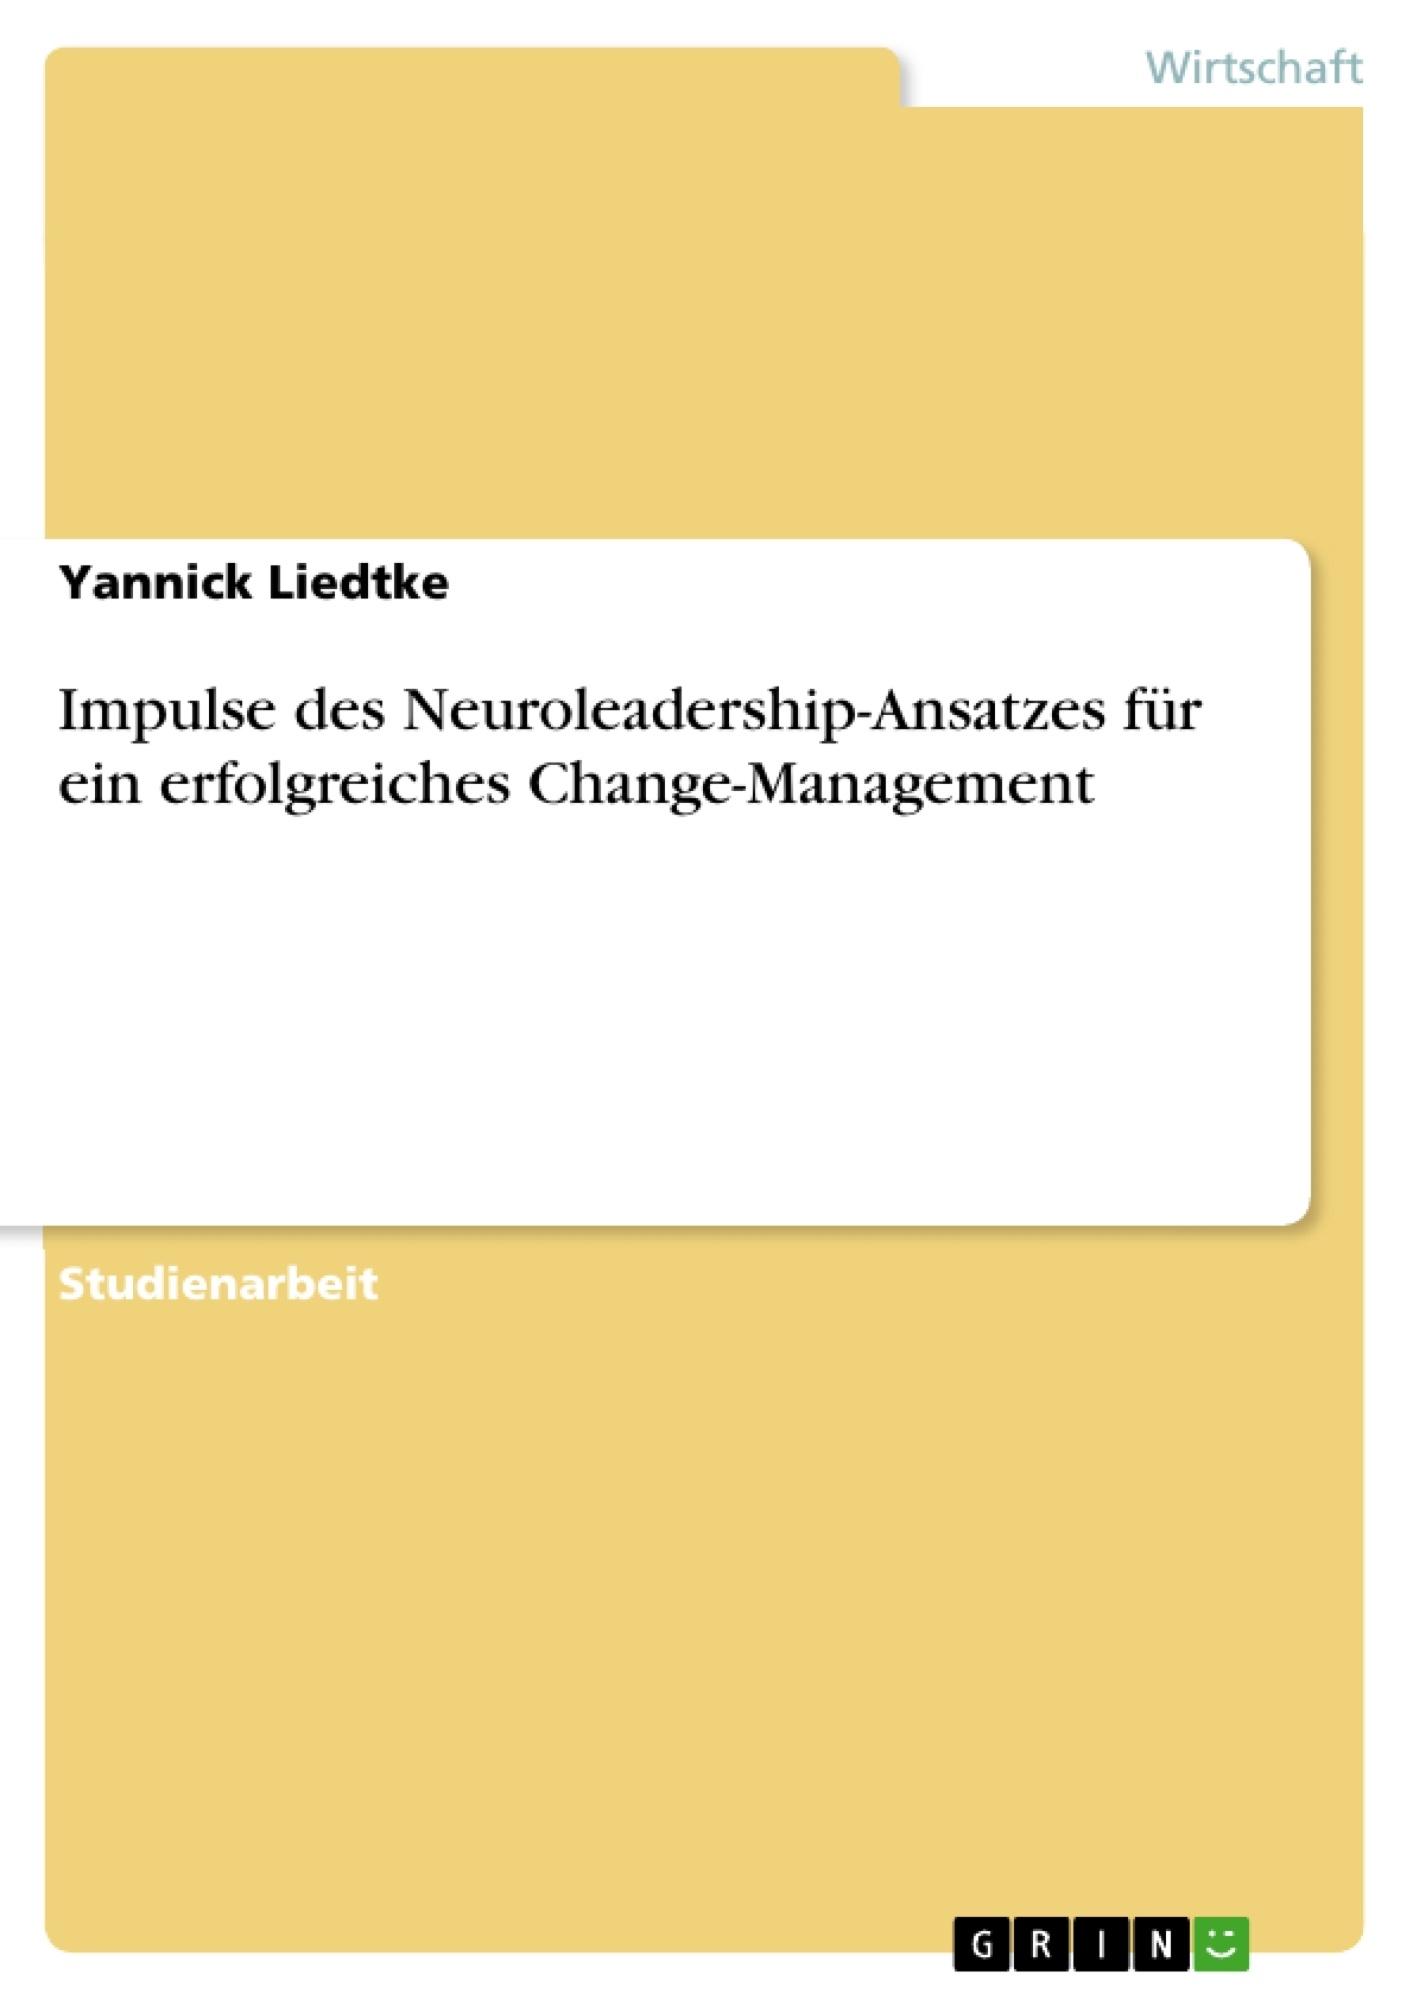 Titel: Impulse des Neuroleadership-Ansatzes für ein erfolgreiches Change-Management